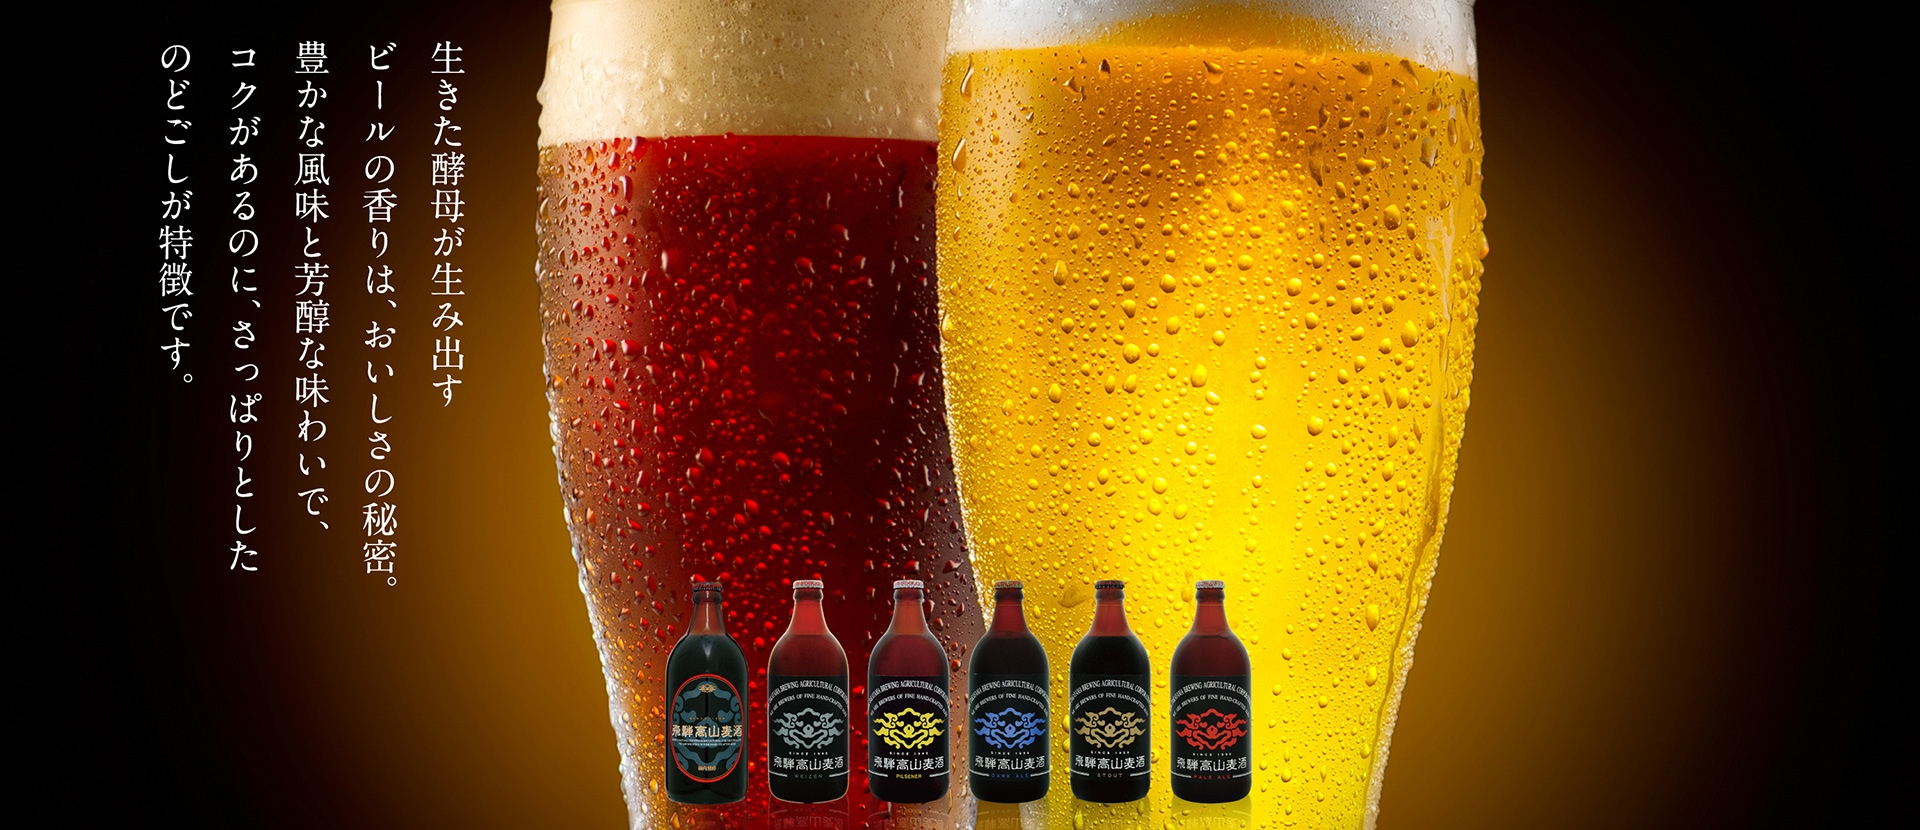 生きた酵母が生み出すビールの香りは、おいしさの秘密。豊かな風味と芳醇な味わいで、コクがあるのに、さっぱりとしたのどごしが特徴です。